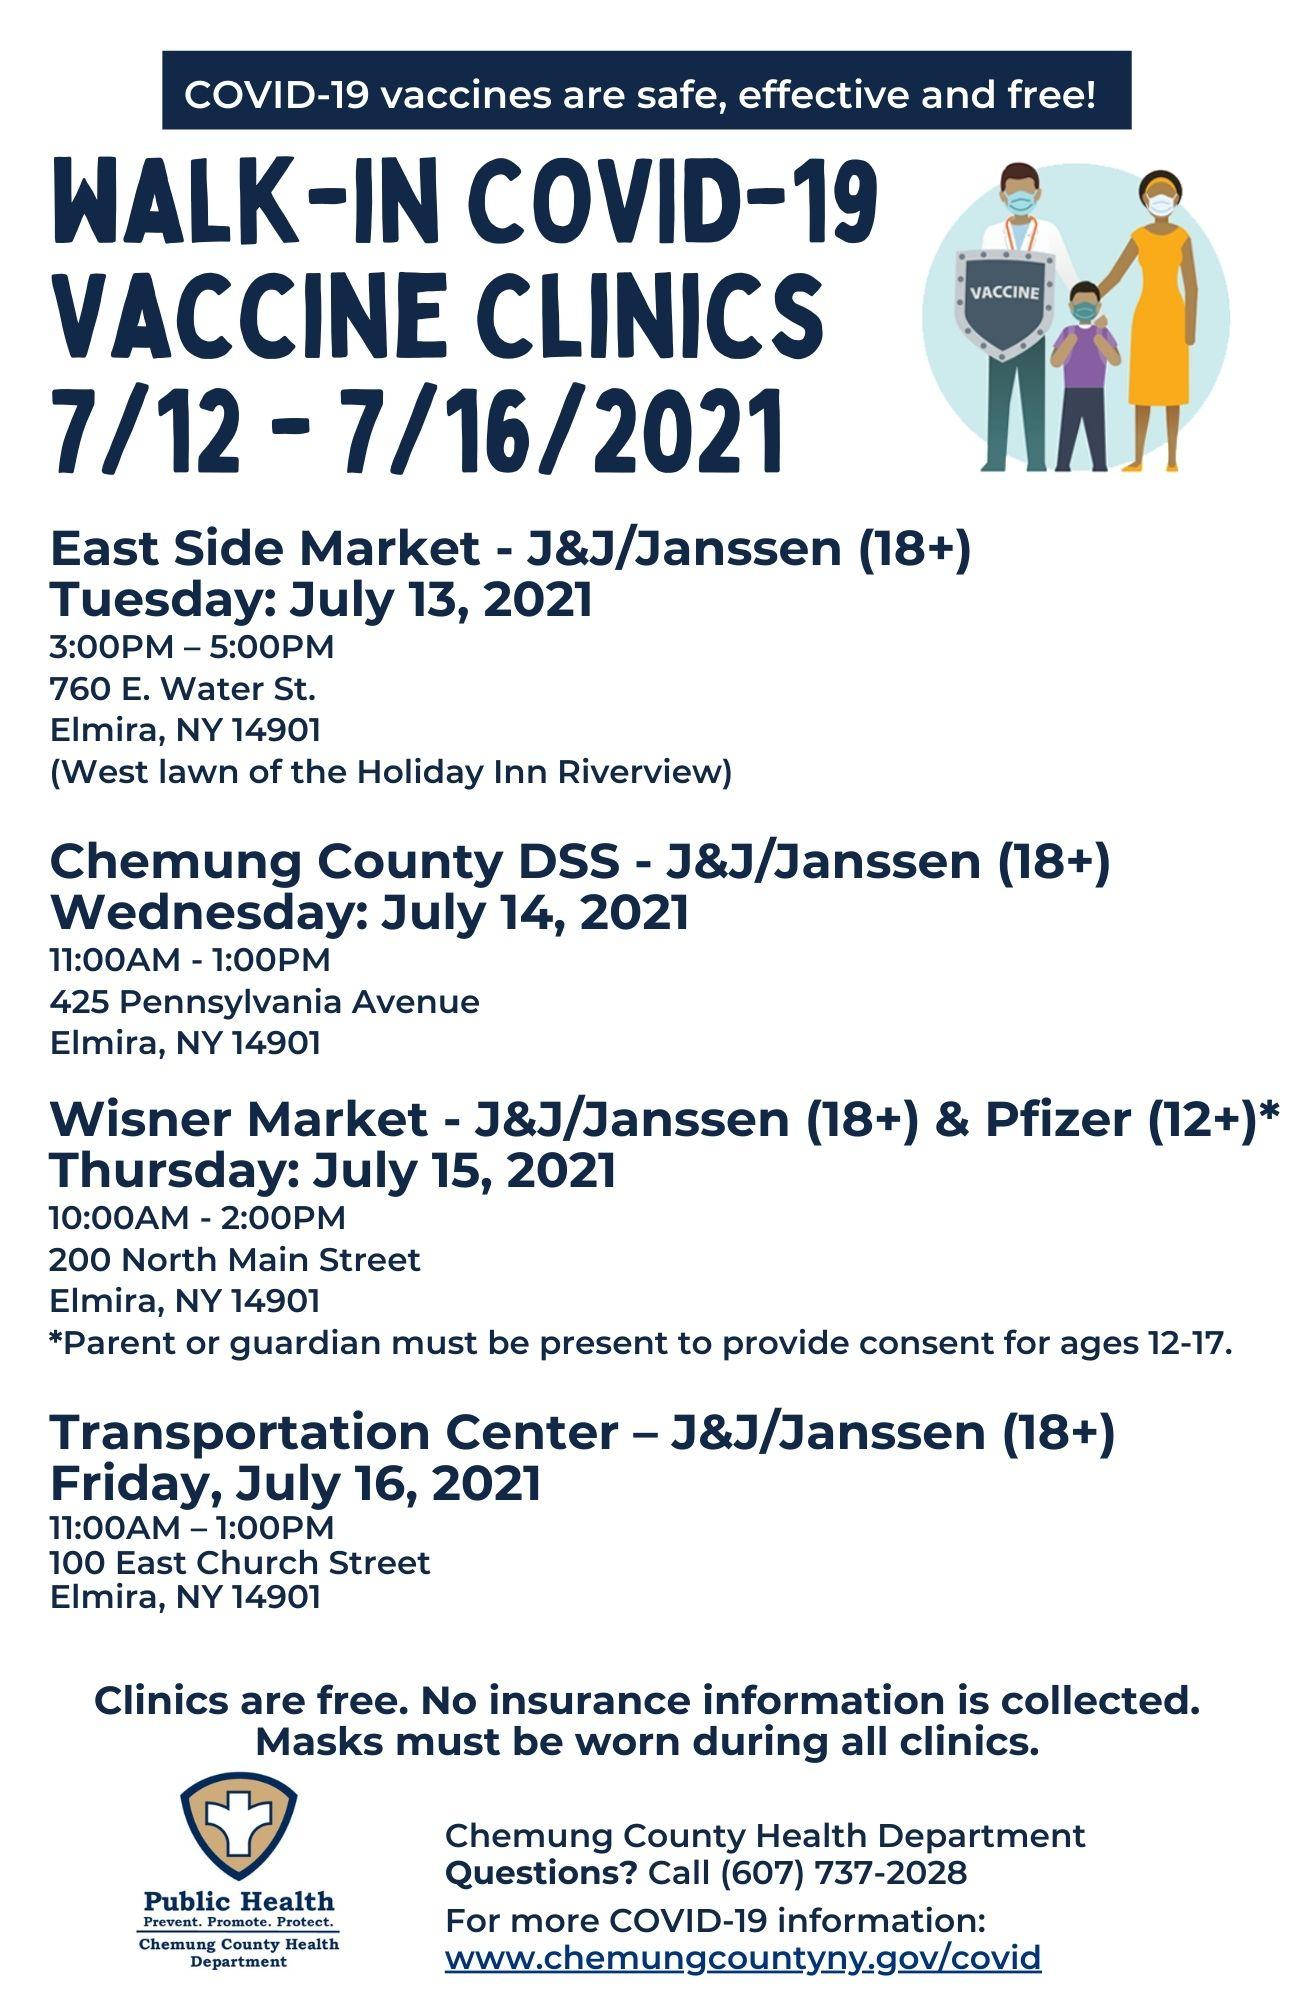 CCHD Clinics 7.12 through 7.16 - Chemung County COVID-19 Vaccine Clinics this Week